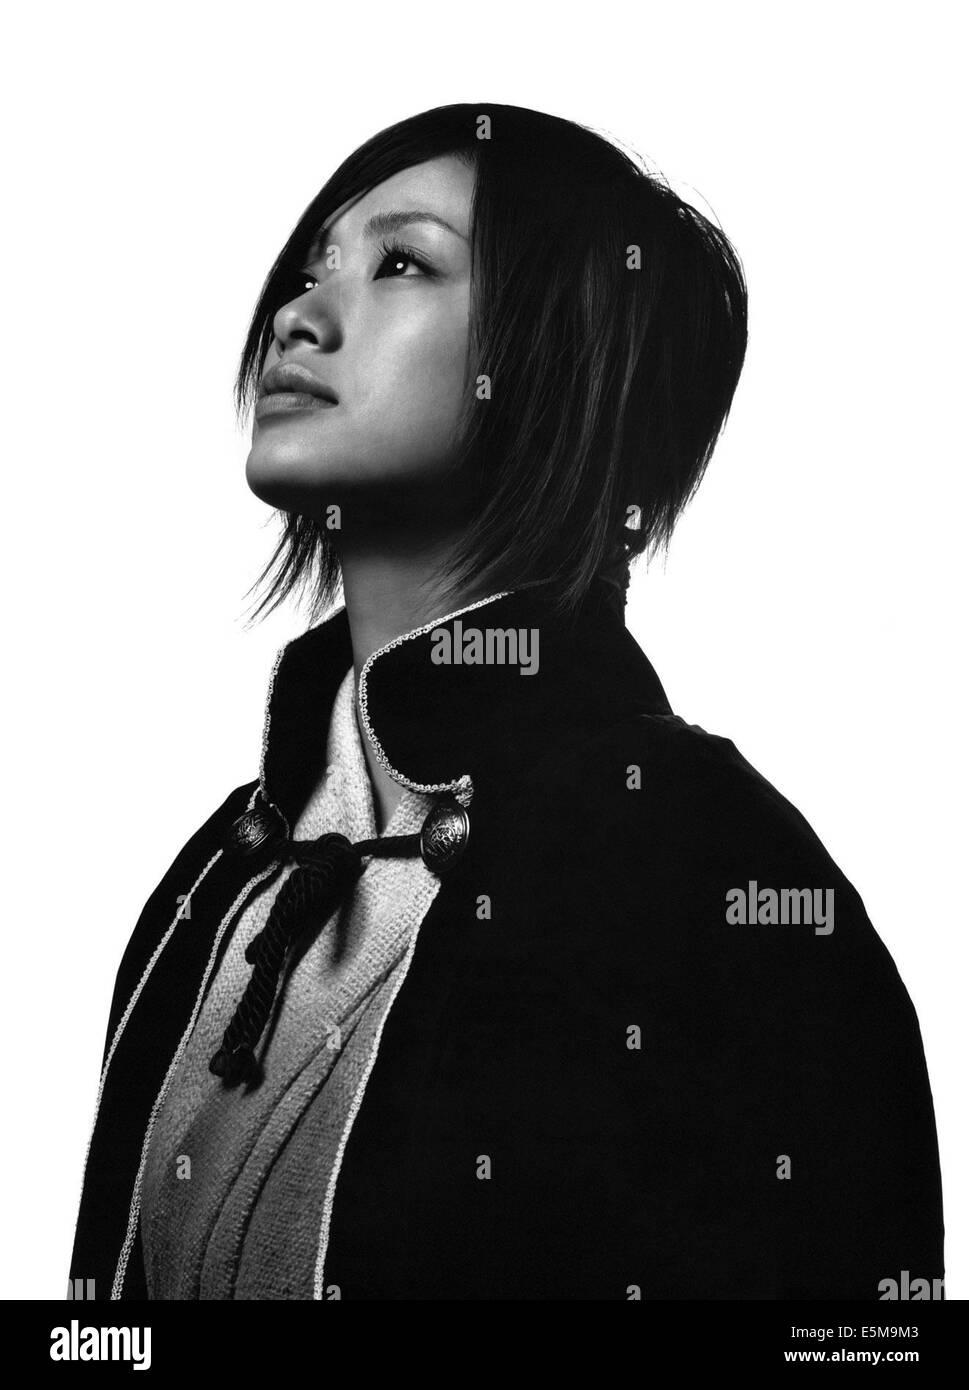 AZUMI, Aya Ueto, 2003, (c) Toho Company Ltd. / Courtesy Everett Collection - Stock Image